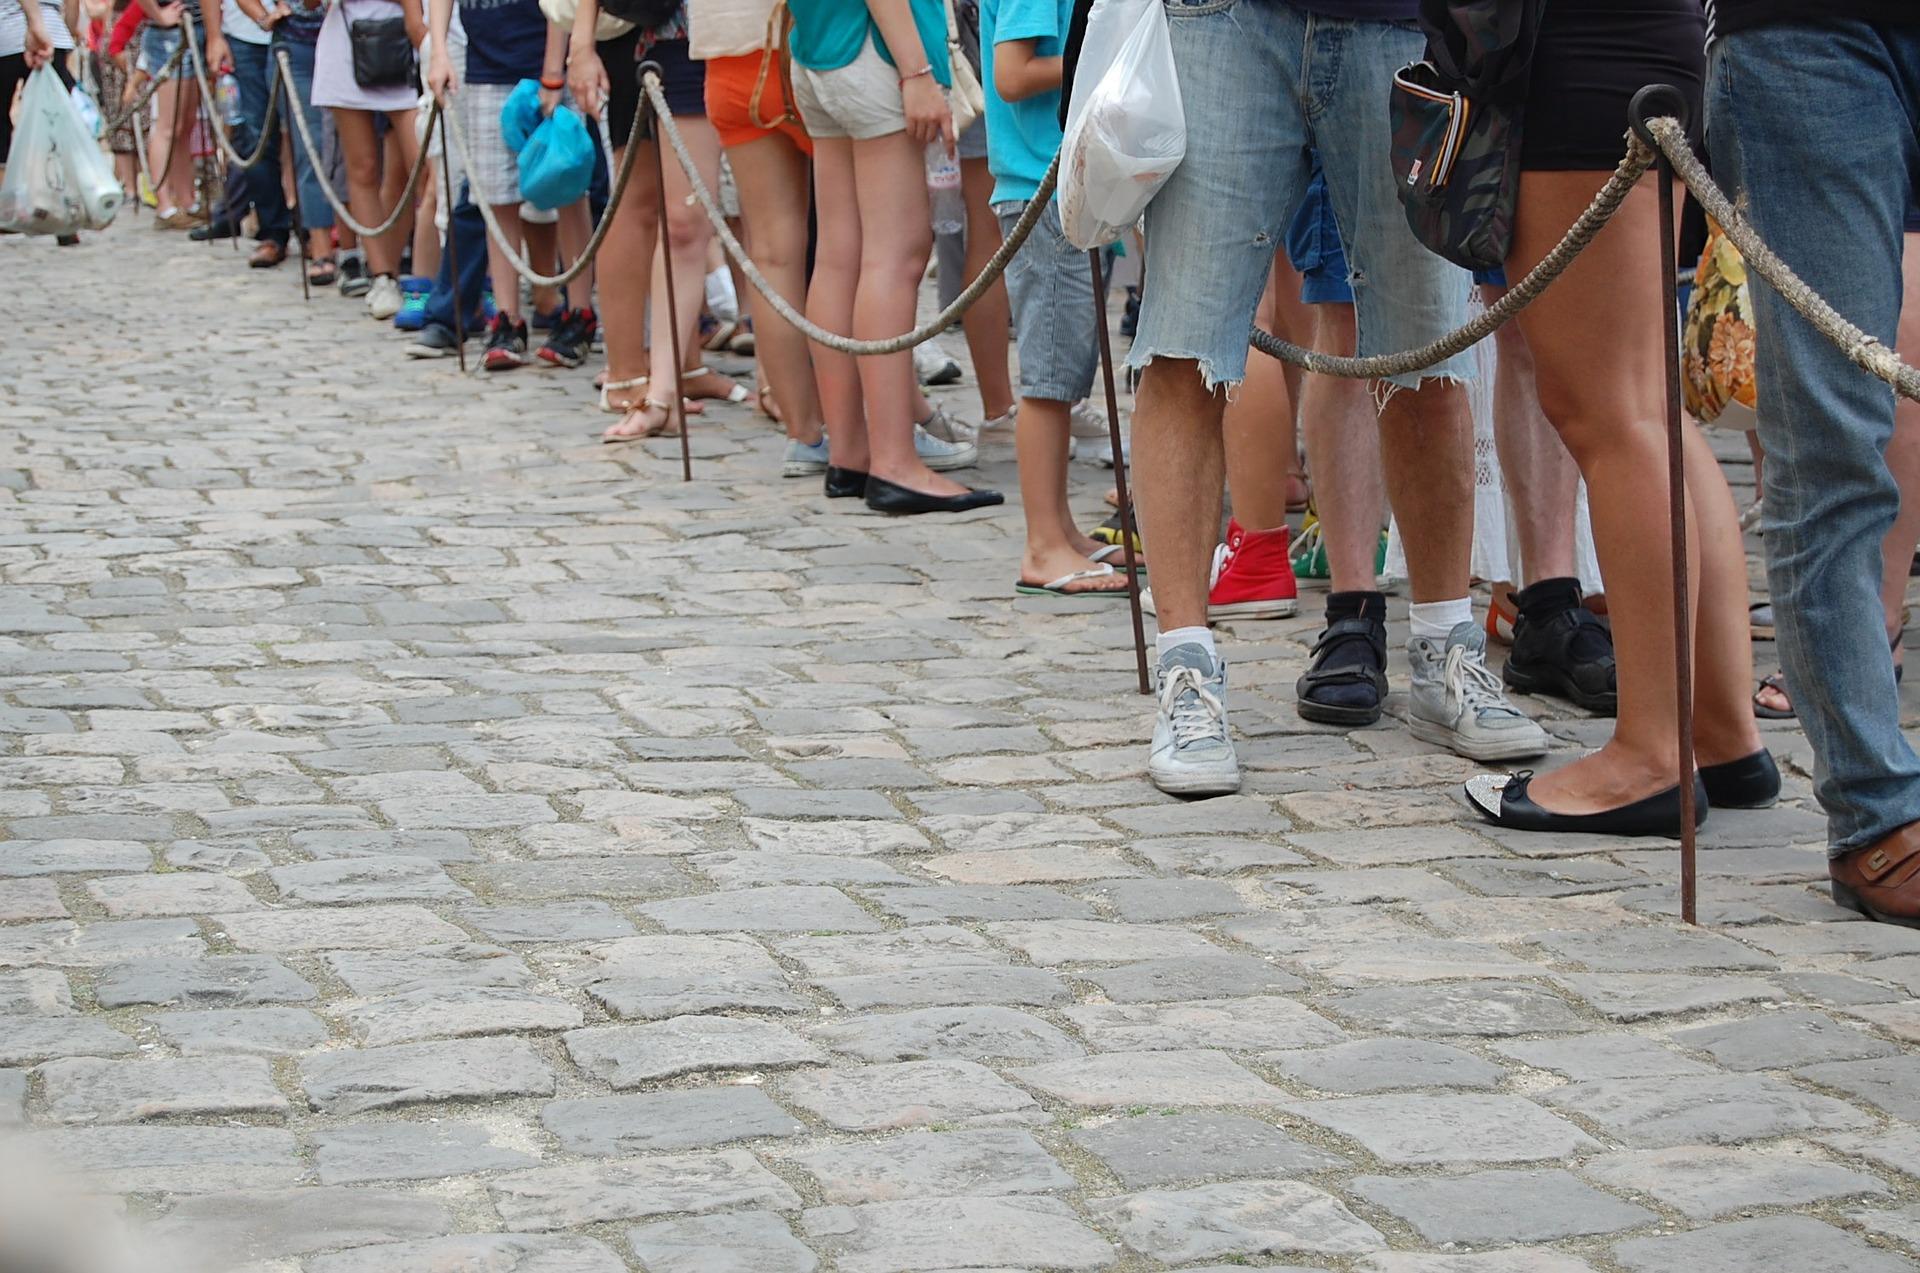 Turizmus tüntetés